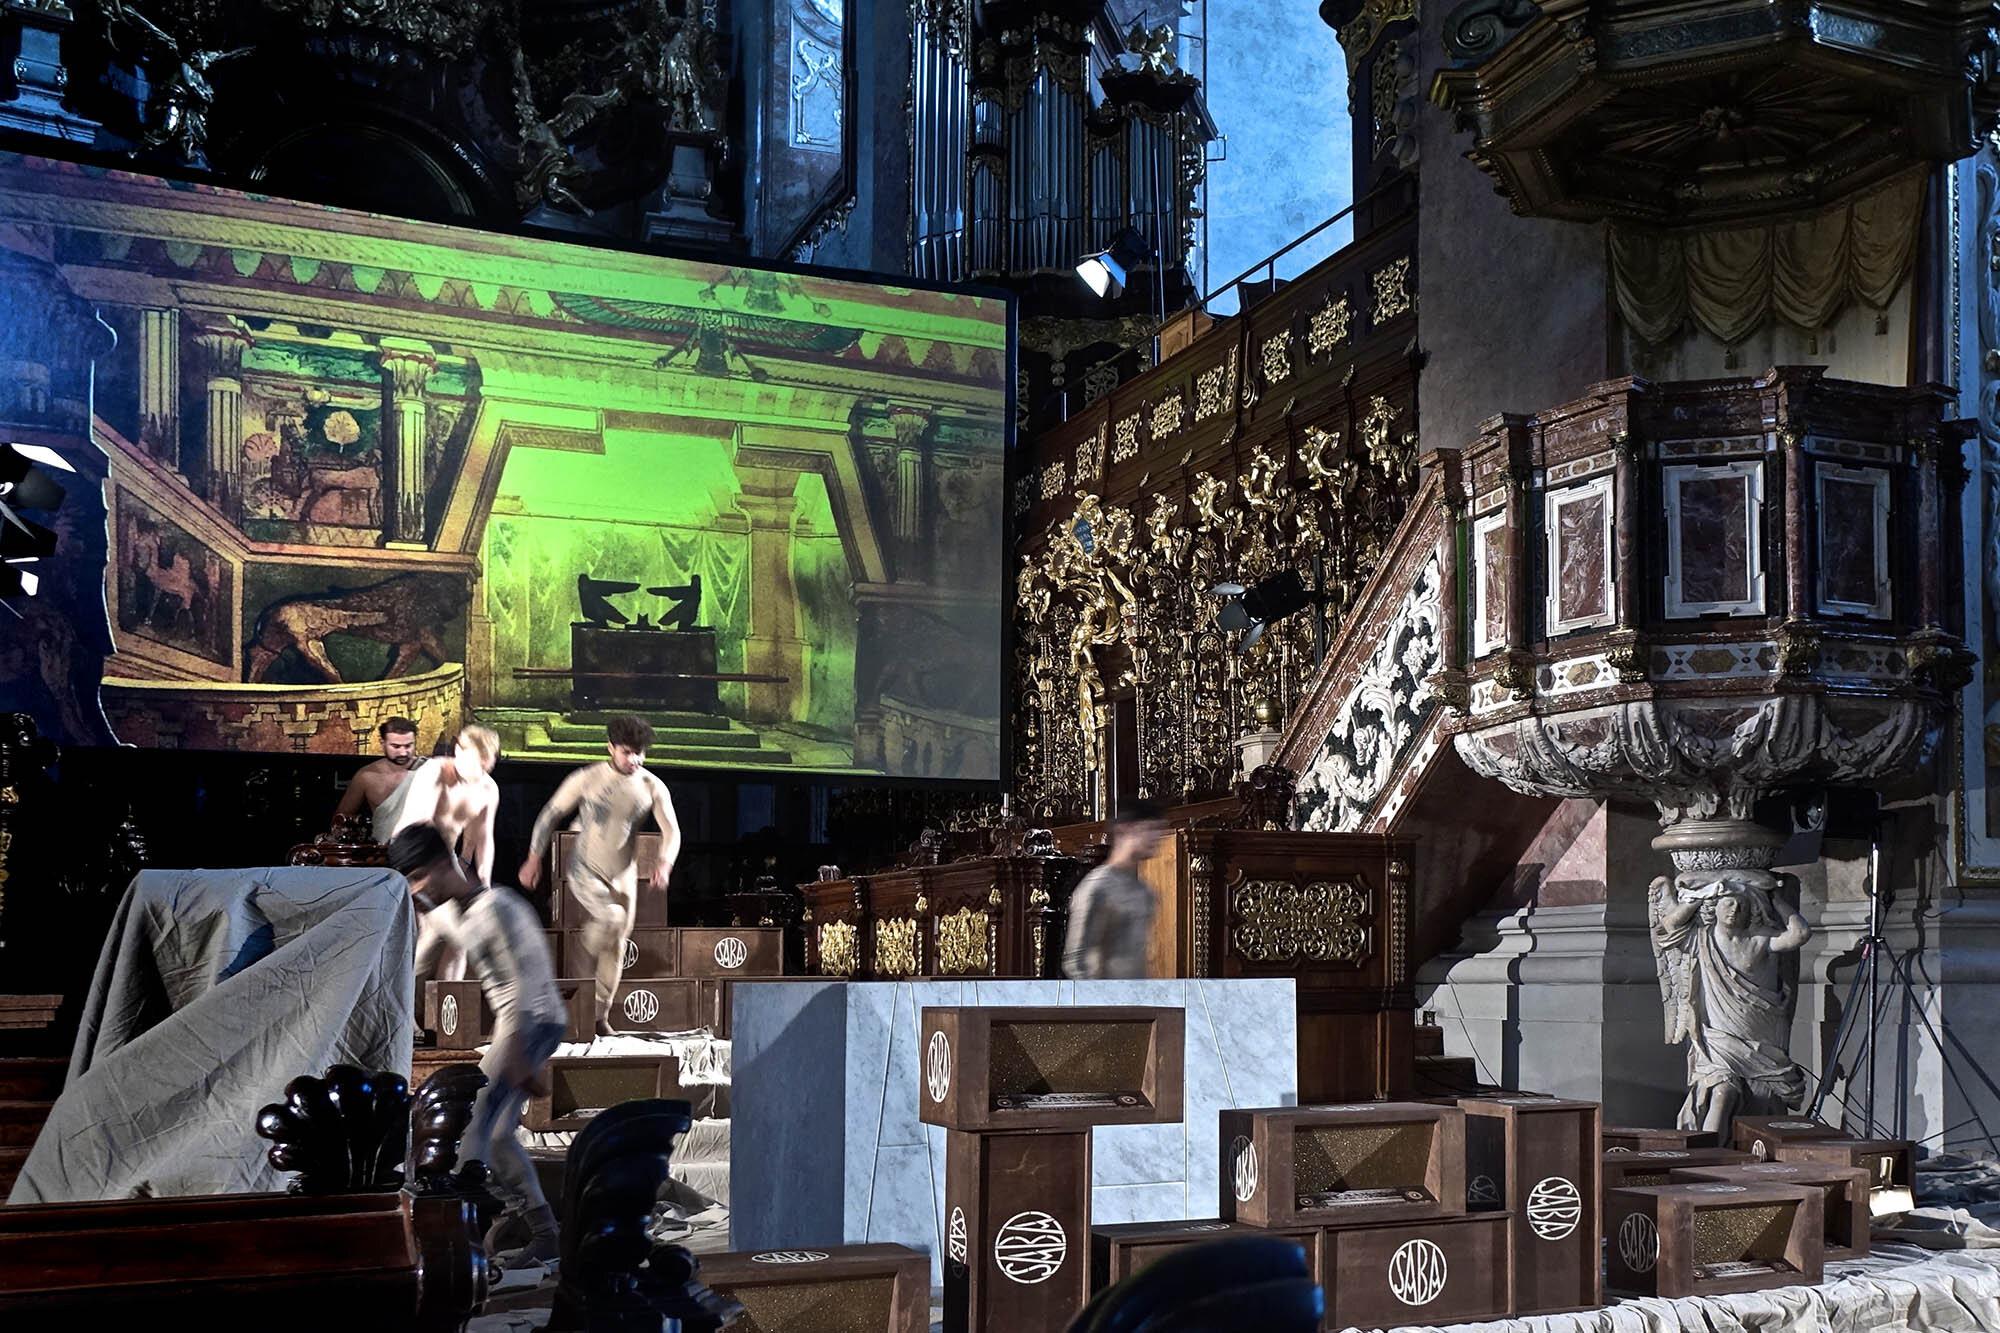 DieKoeniginVonSaba_StiftskircheKlosterneuburg_09.jpg